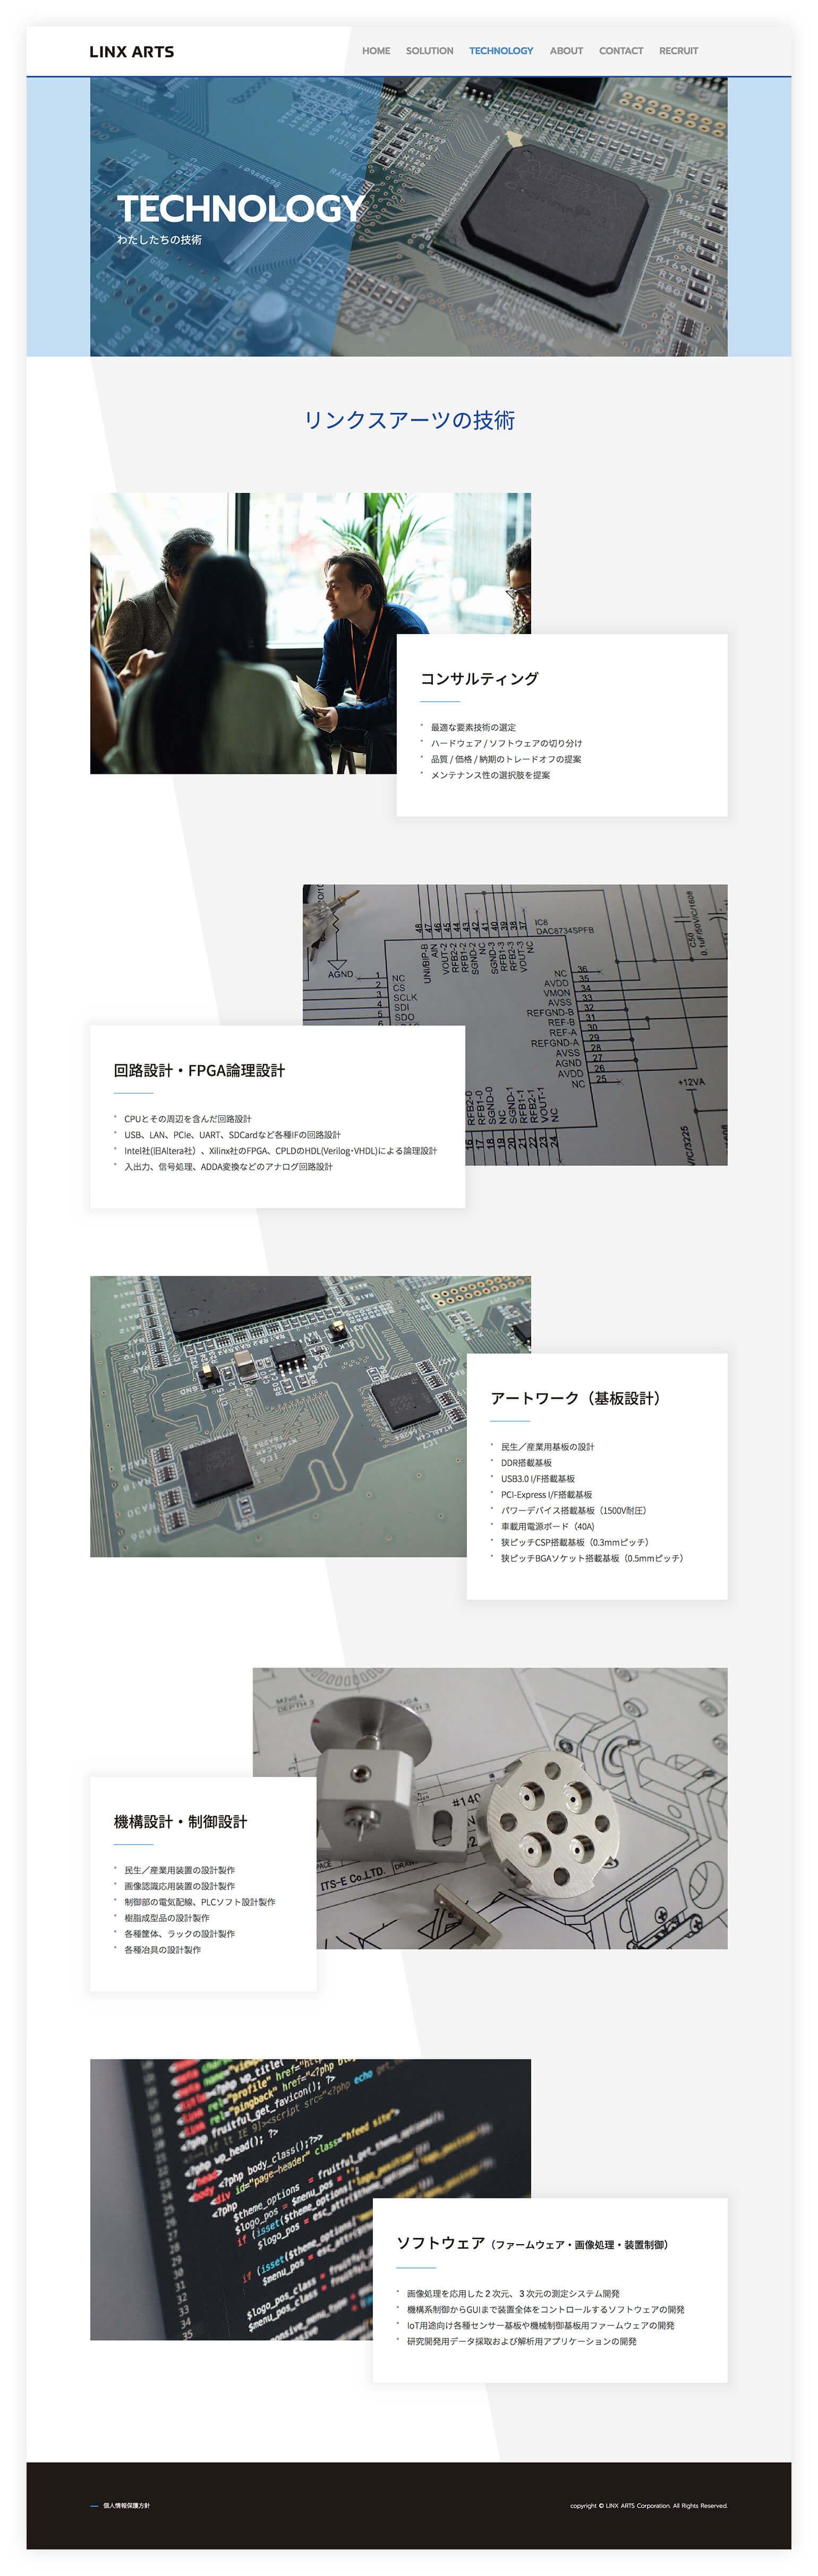 LINX ARTS コーポレートサイト ウェブデザイン